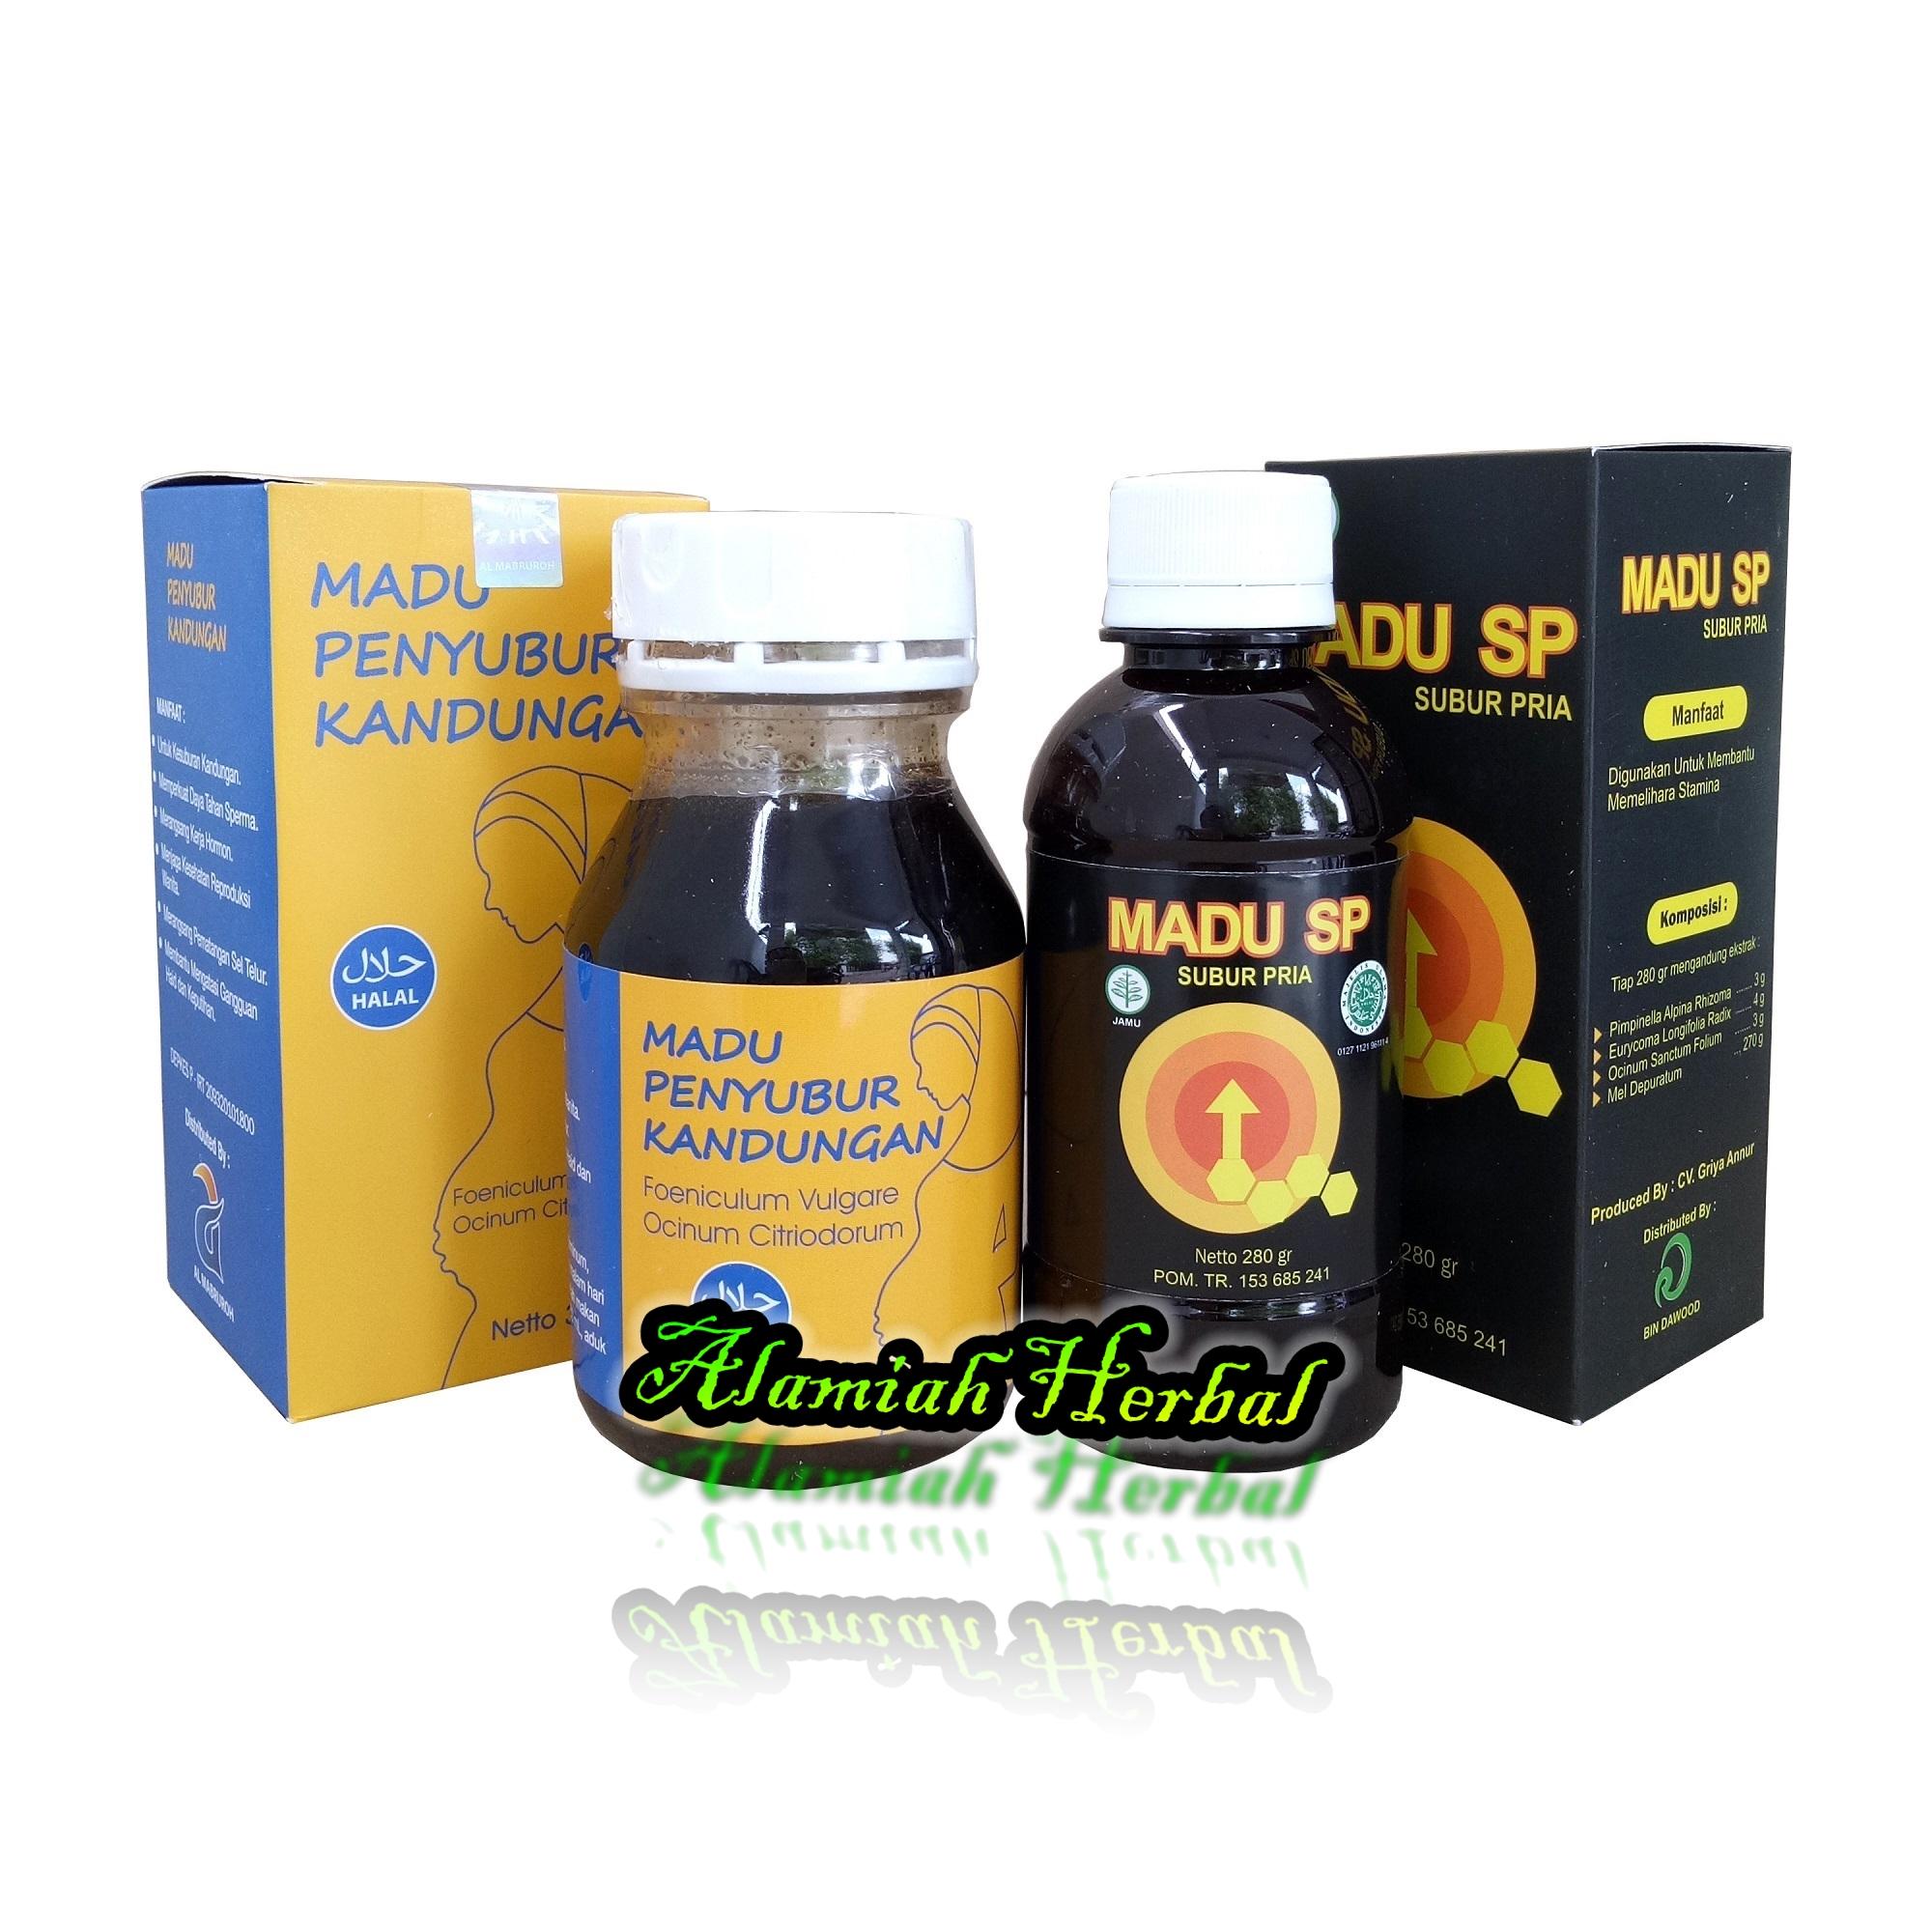 Paket Promil Ahcn 80 Positif Herbal Penyubur Kandungan Mengatasi Obat Kesuburan Pria Wanita Untuk Program Hamil Cepat Punya Anak New Agar Elevenia Source